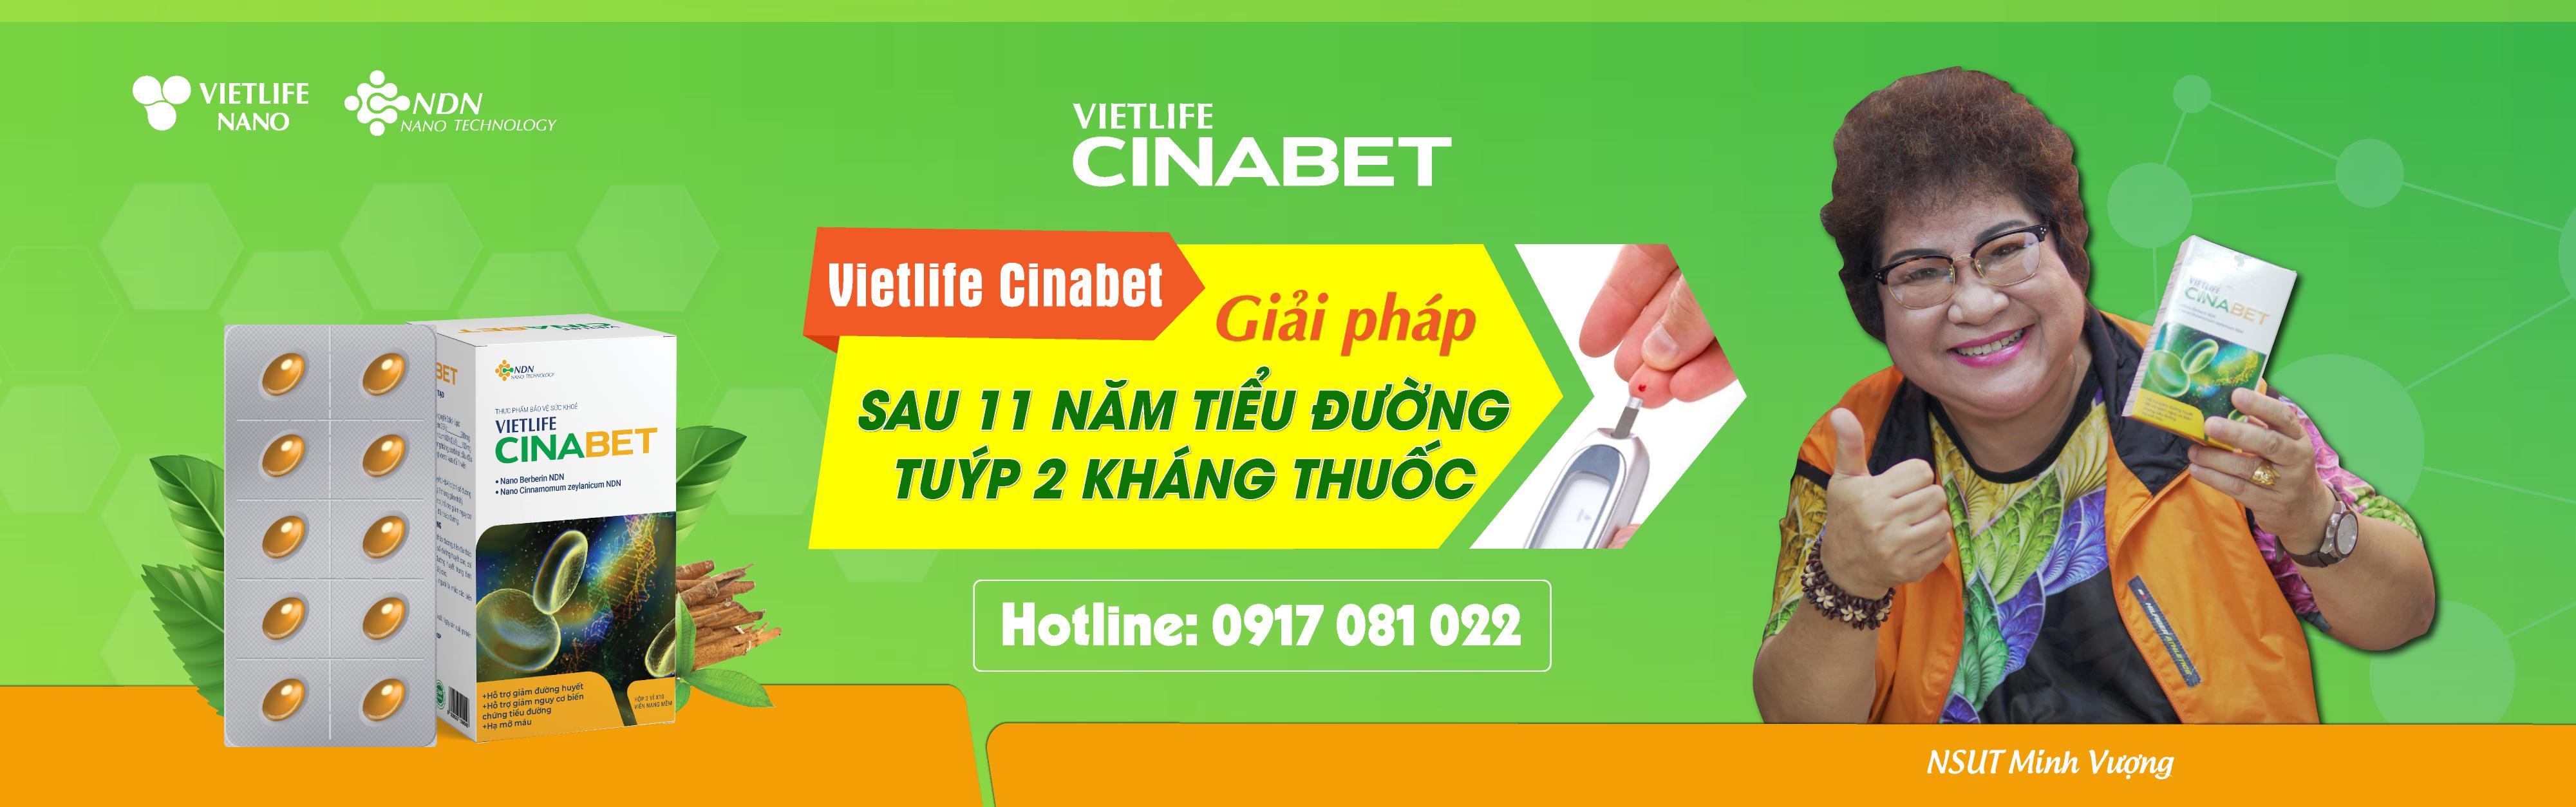 sử dụng cinabet, hiệu quả của cinabet, cinabet, cinabet cho người tiểu đường, cinabet giảm đường huyết, cinabet ổn định đường huyết, cách sử dụng cinabet, cinabet cách dùng, đối tượng dùng cinabet, cách dùng cinabet